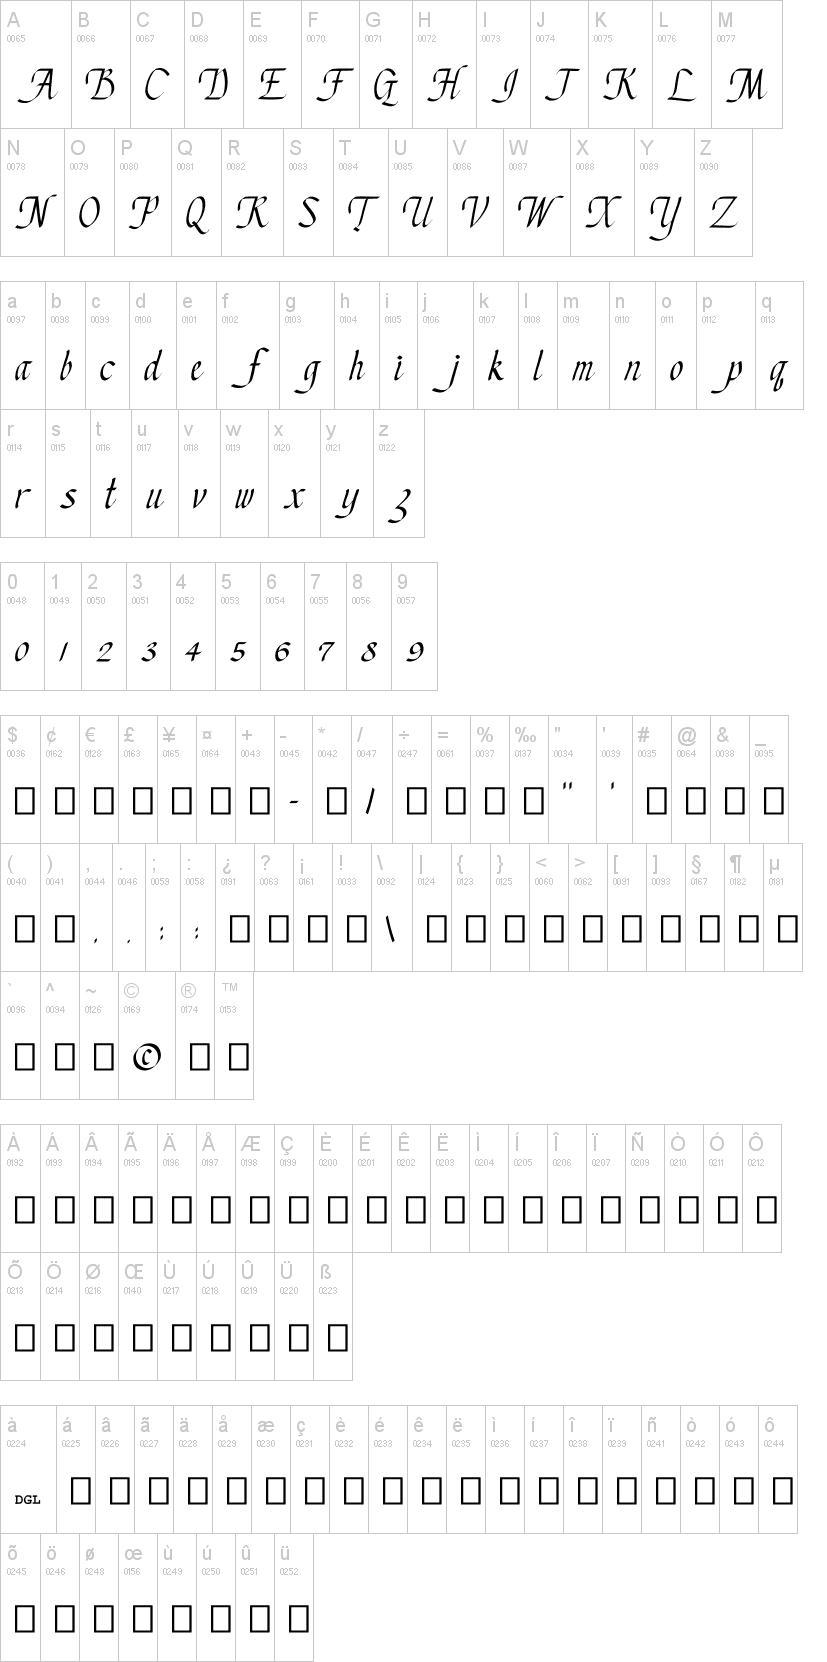 chancery cursive font | dafont